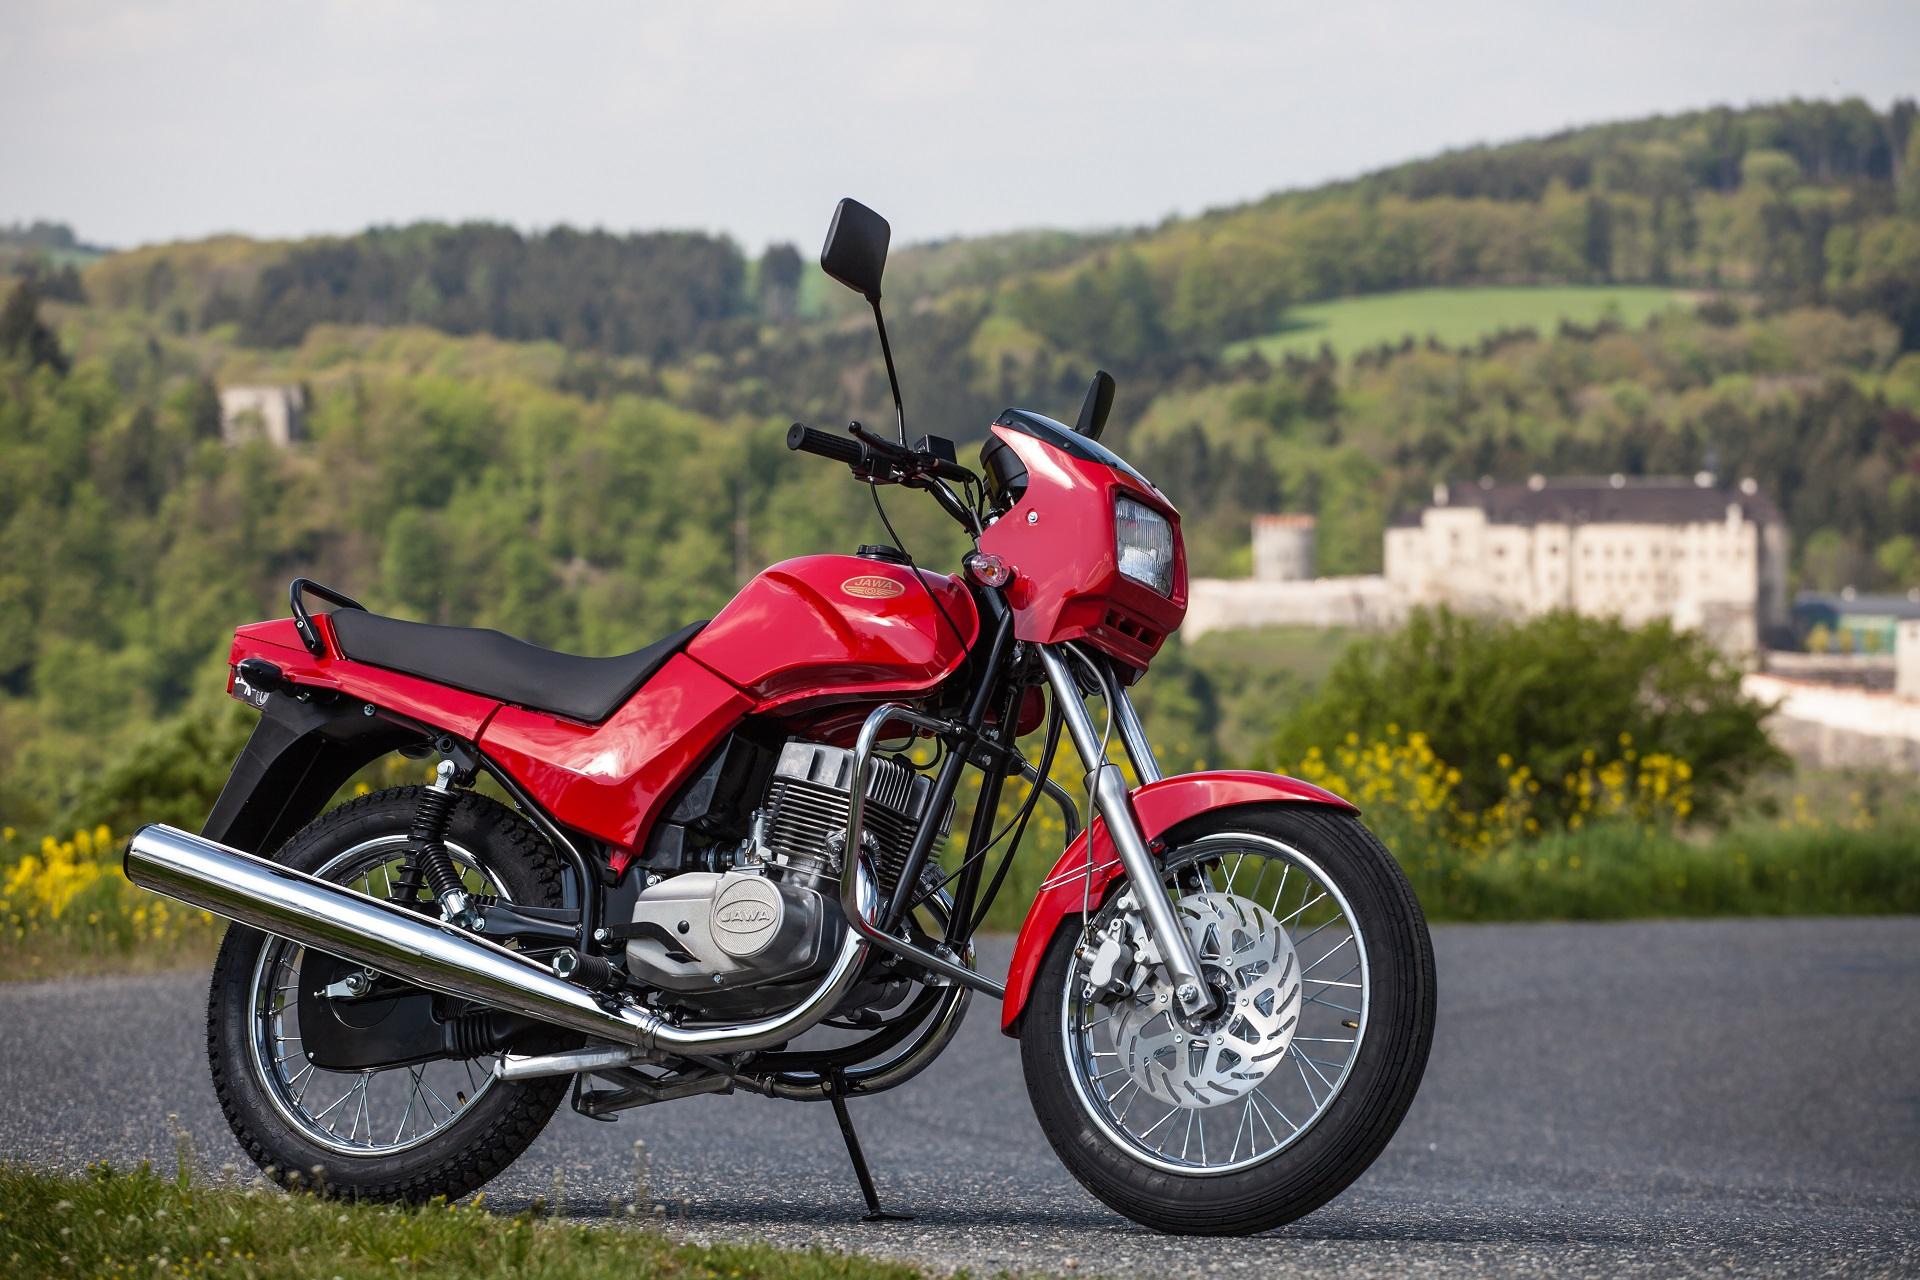 тоненький хорошие фото мотоцикла ява пыльник наружного